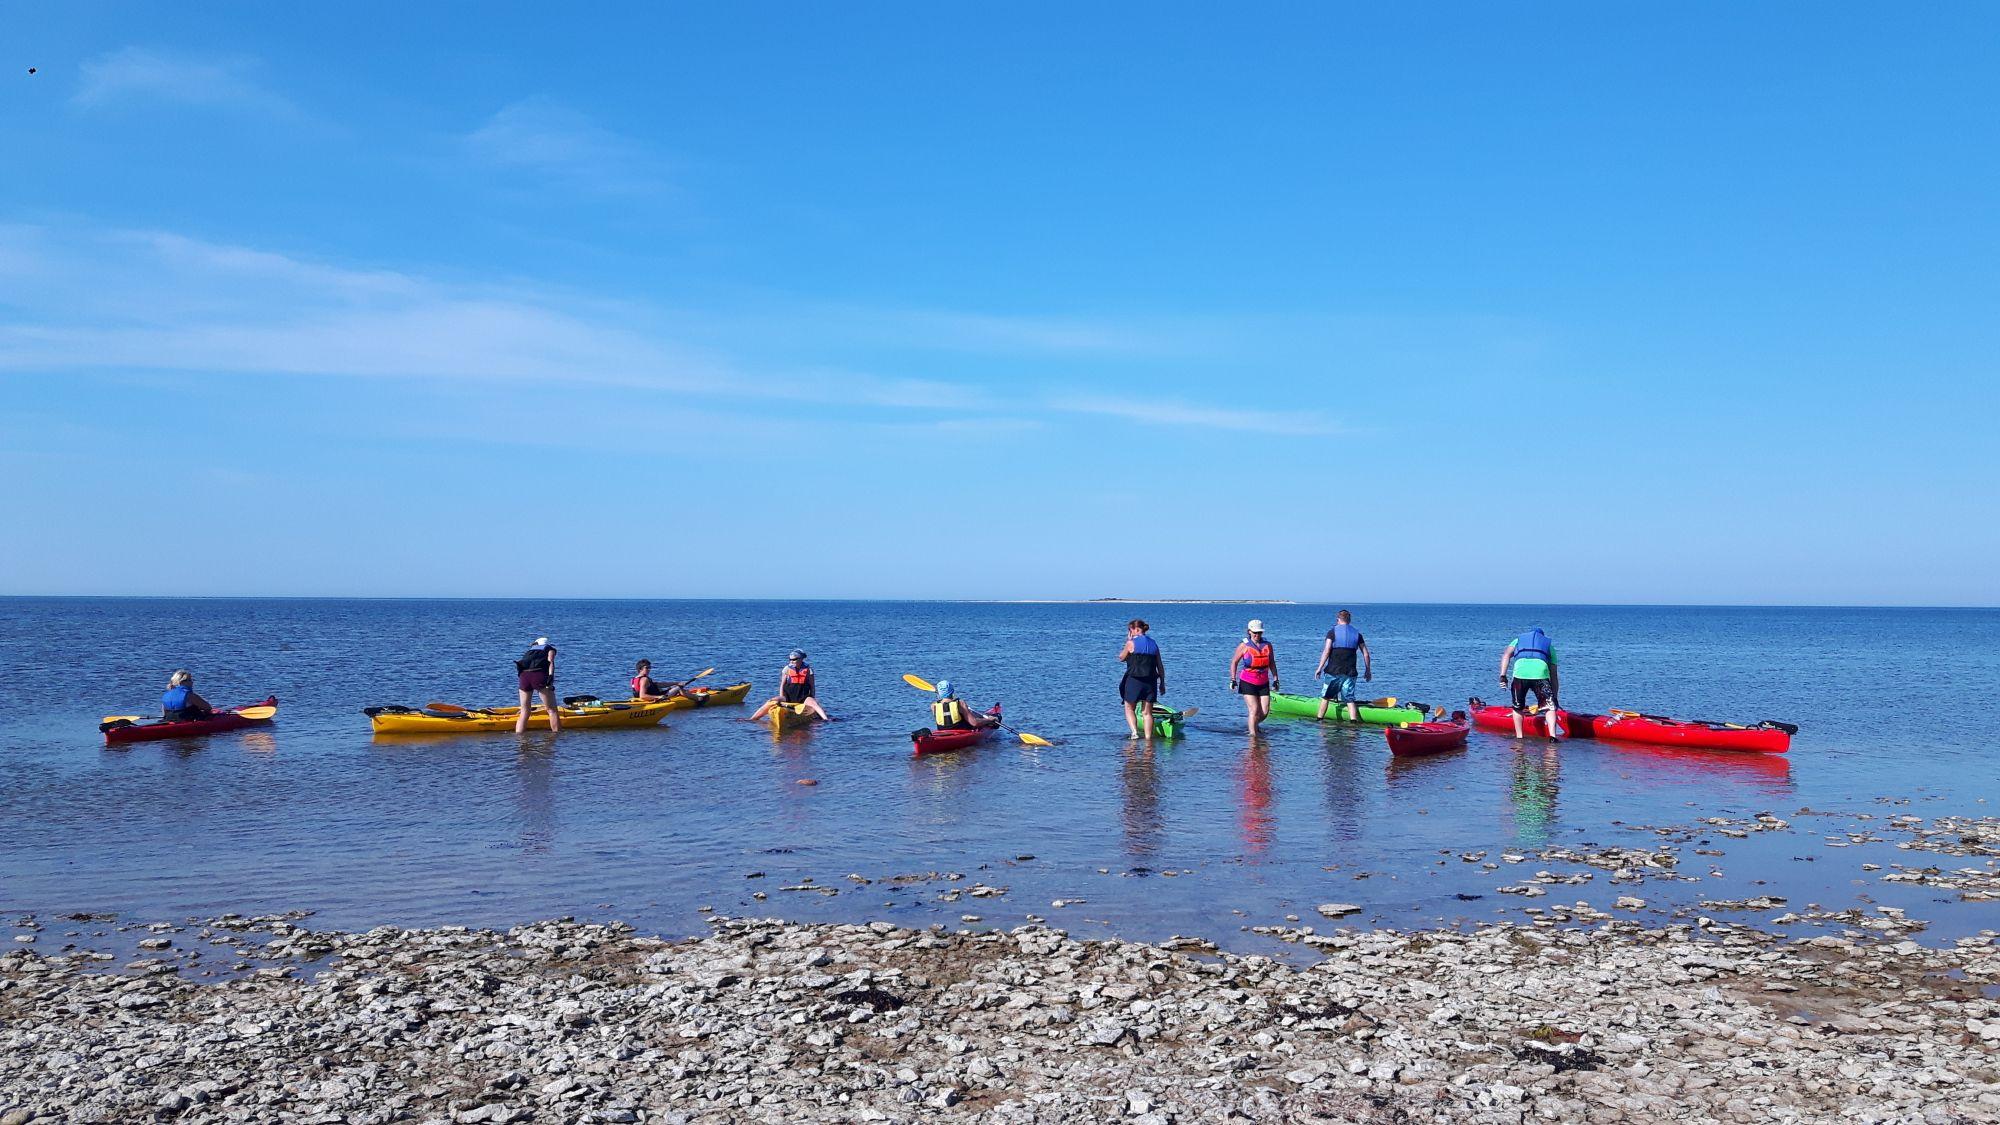 Süstamatkajad lahkuvad saarelt. Kuigi grupp oli väike, leidus seal tervelt viis varem kohatud nägu. Foto: Lona Päll.